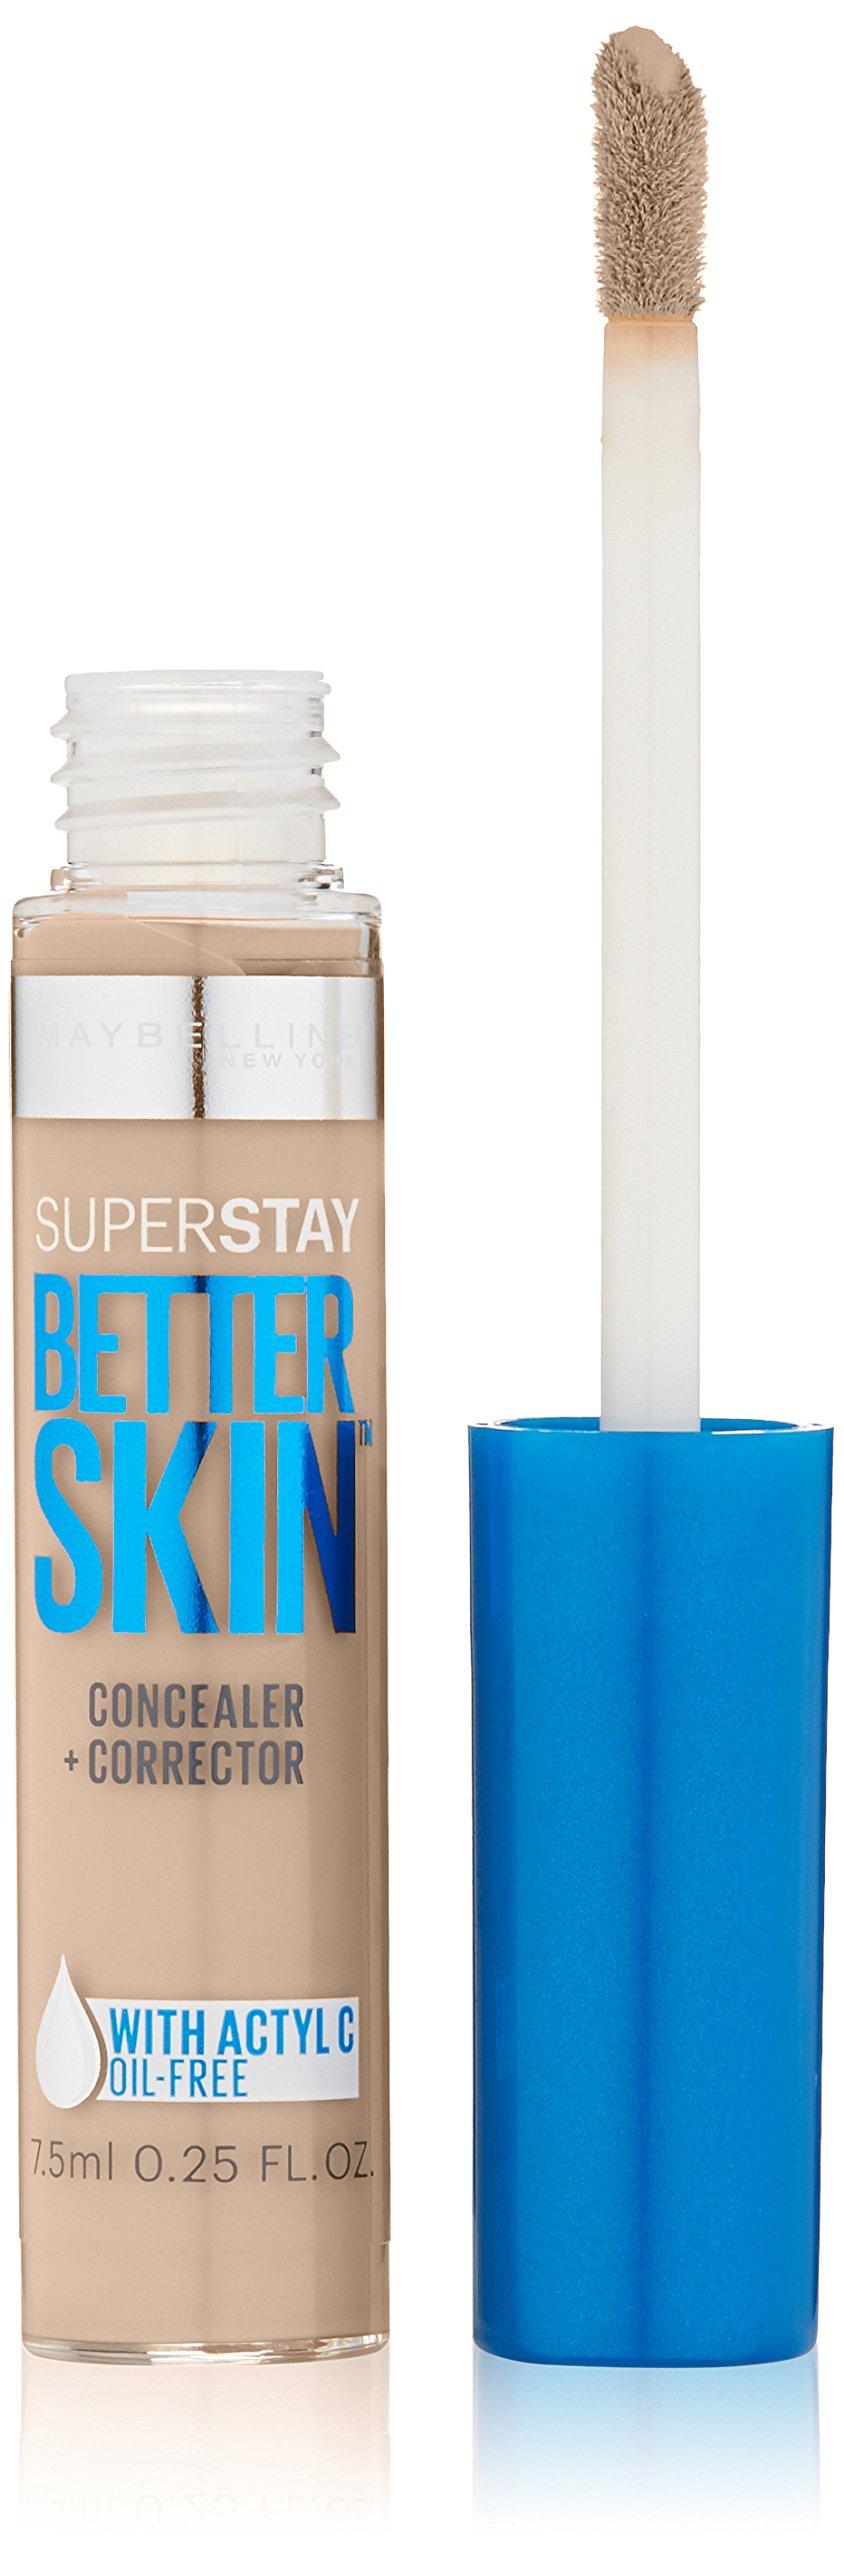 Maybelline Super Stay Better Skin Concealer + Corrector, Ivory, 0.25 fl. oz.